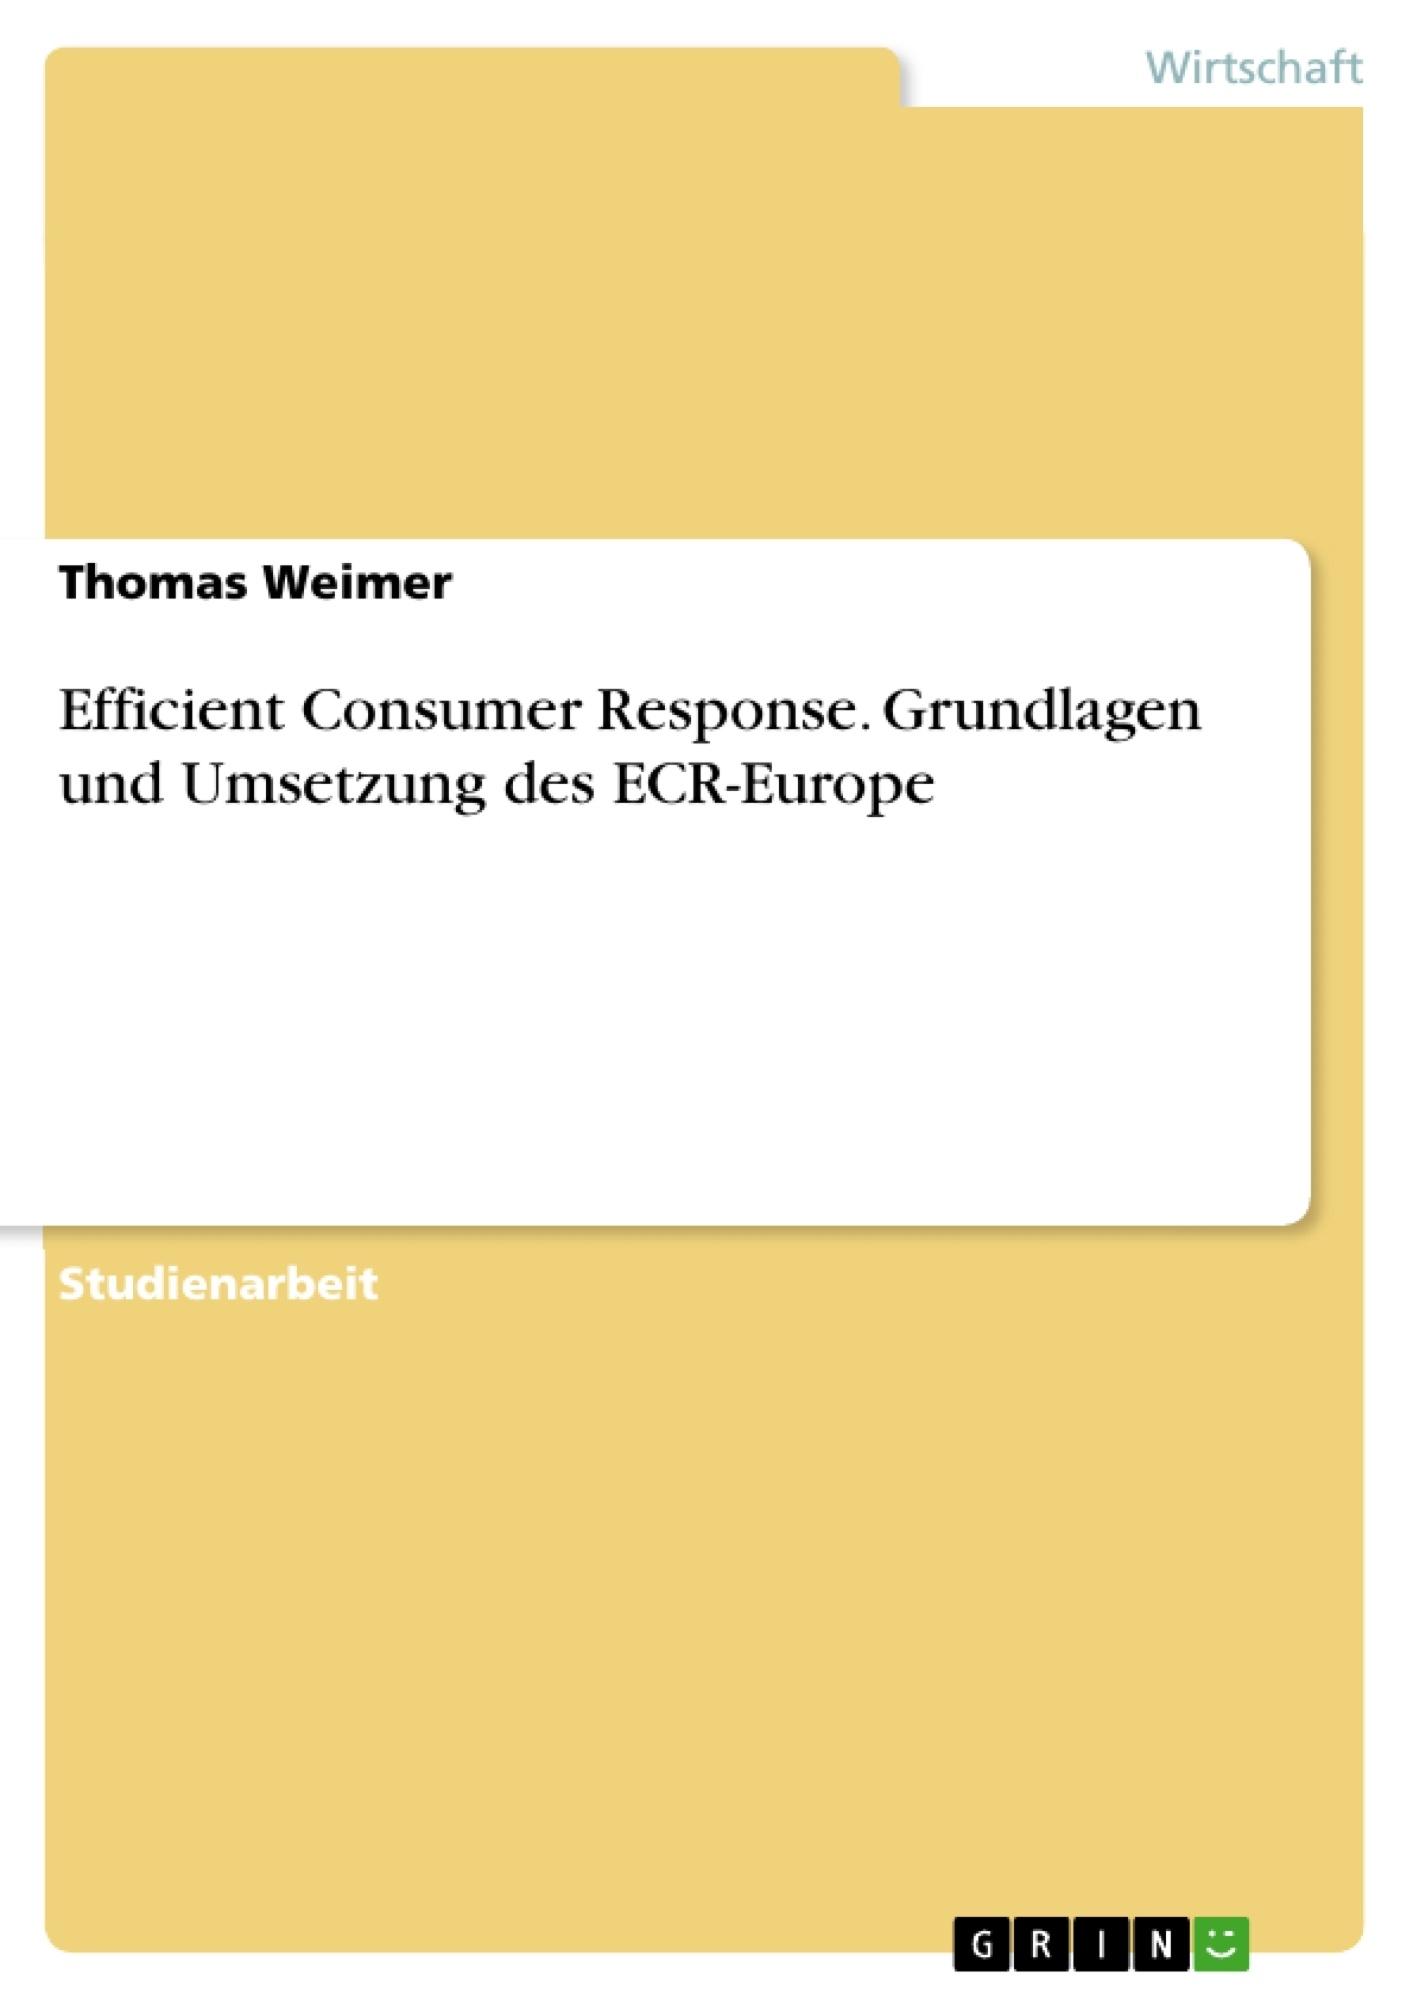 Titel: Efficient Consumer Response. Grundlagen und Umsetzung des ECR-Europe